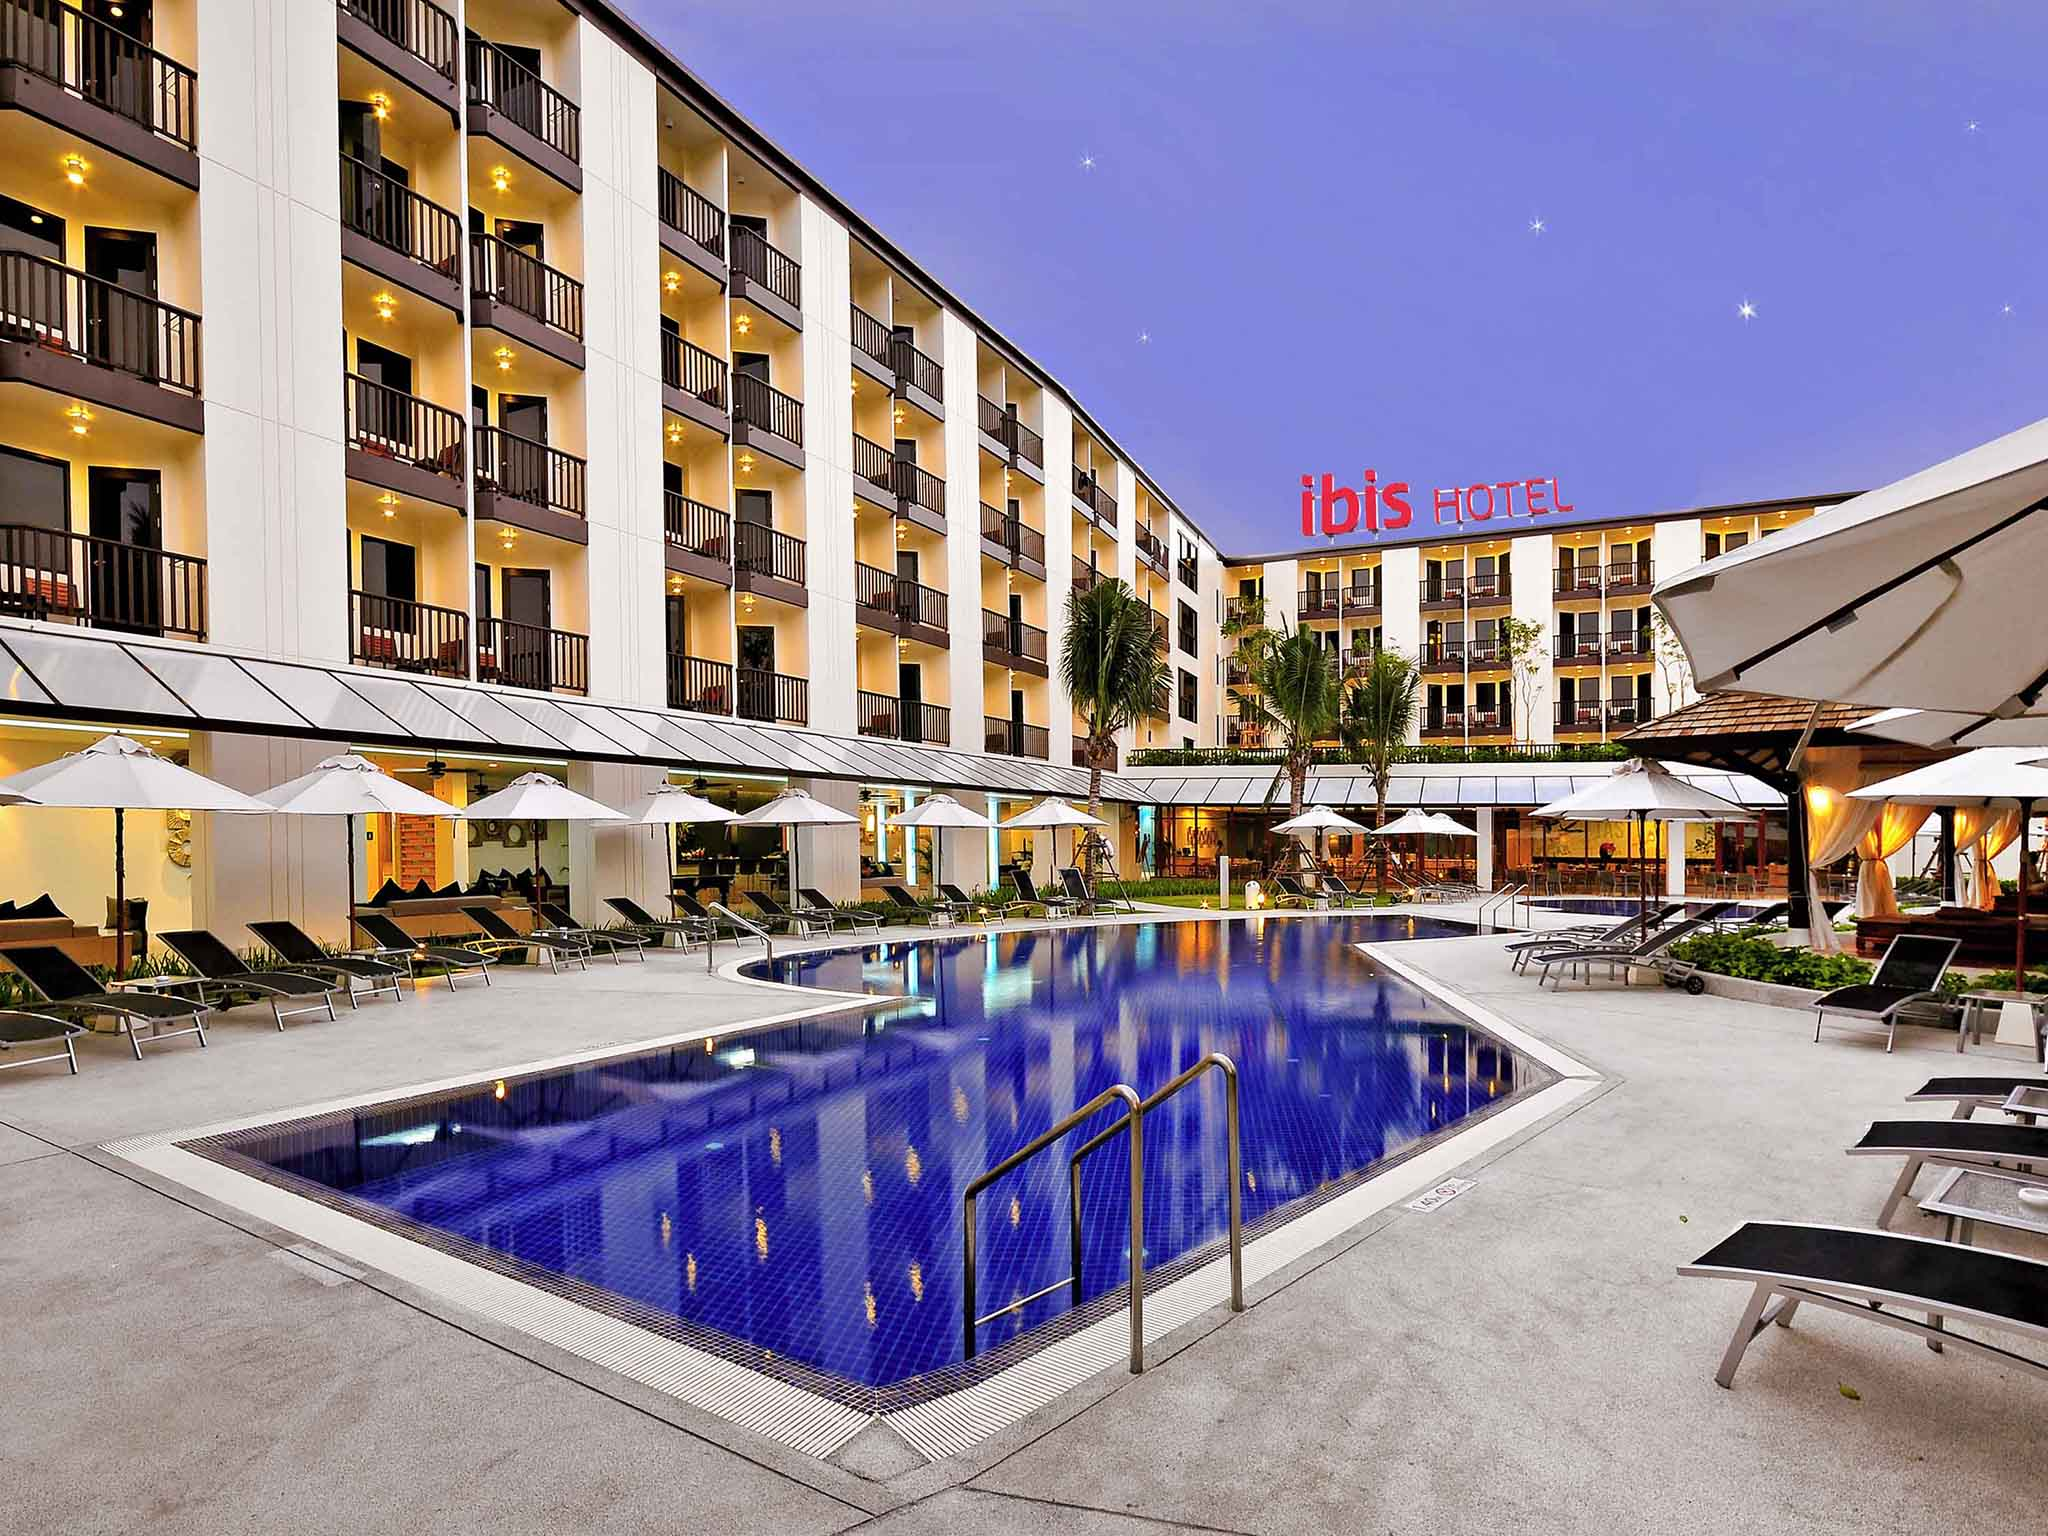 โรงแรม – ไอบิส ภูเก็ต กะตะ